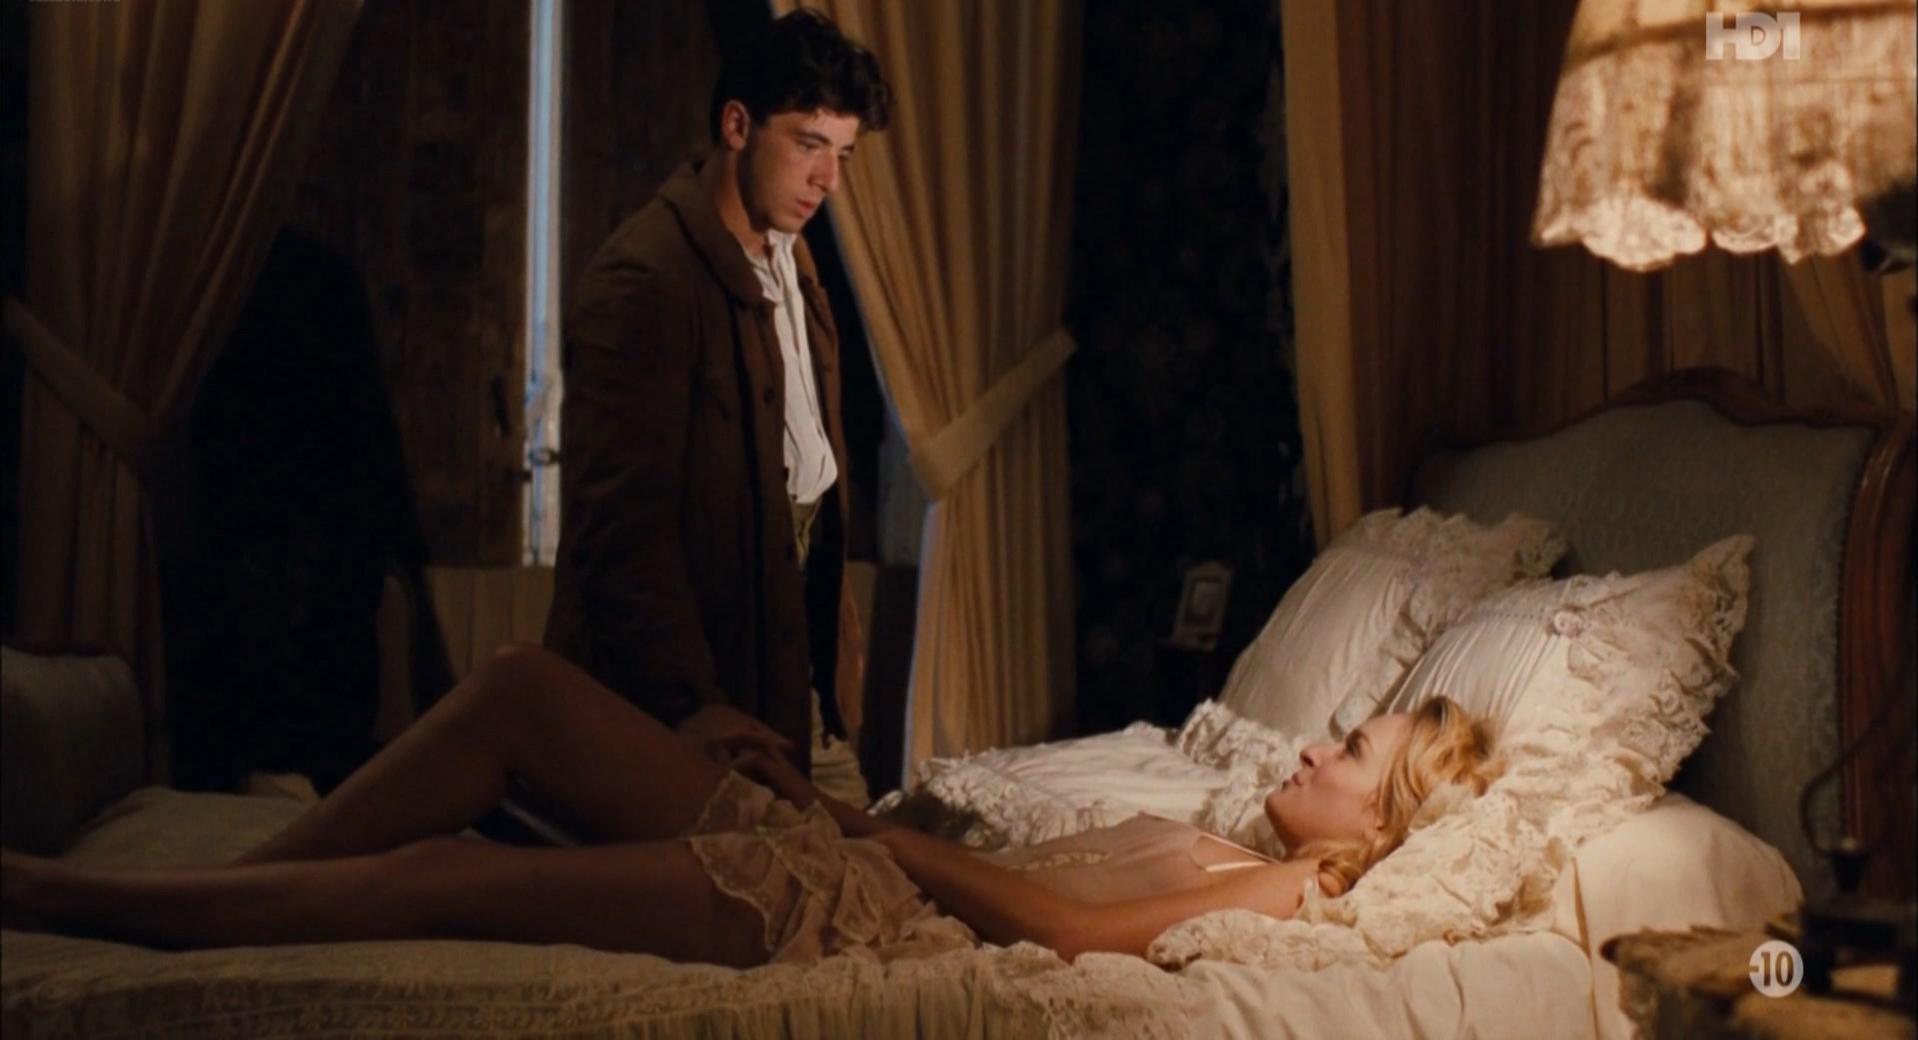 Ingrid Held nude - La Maison Assassinee (1987)